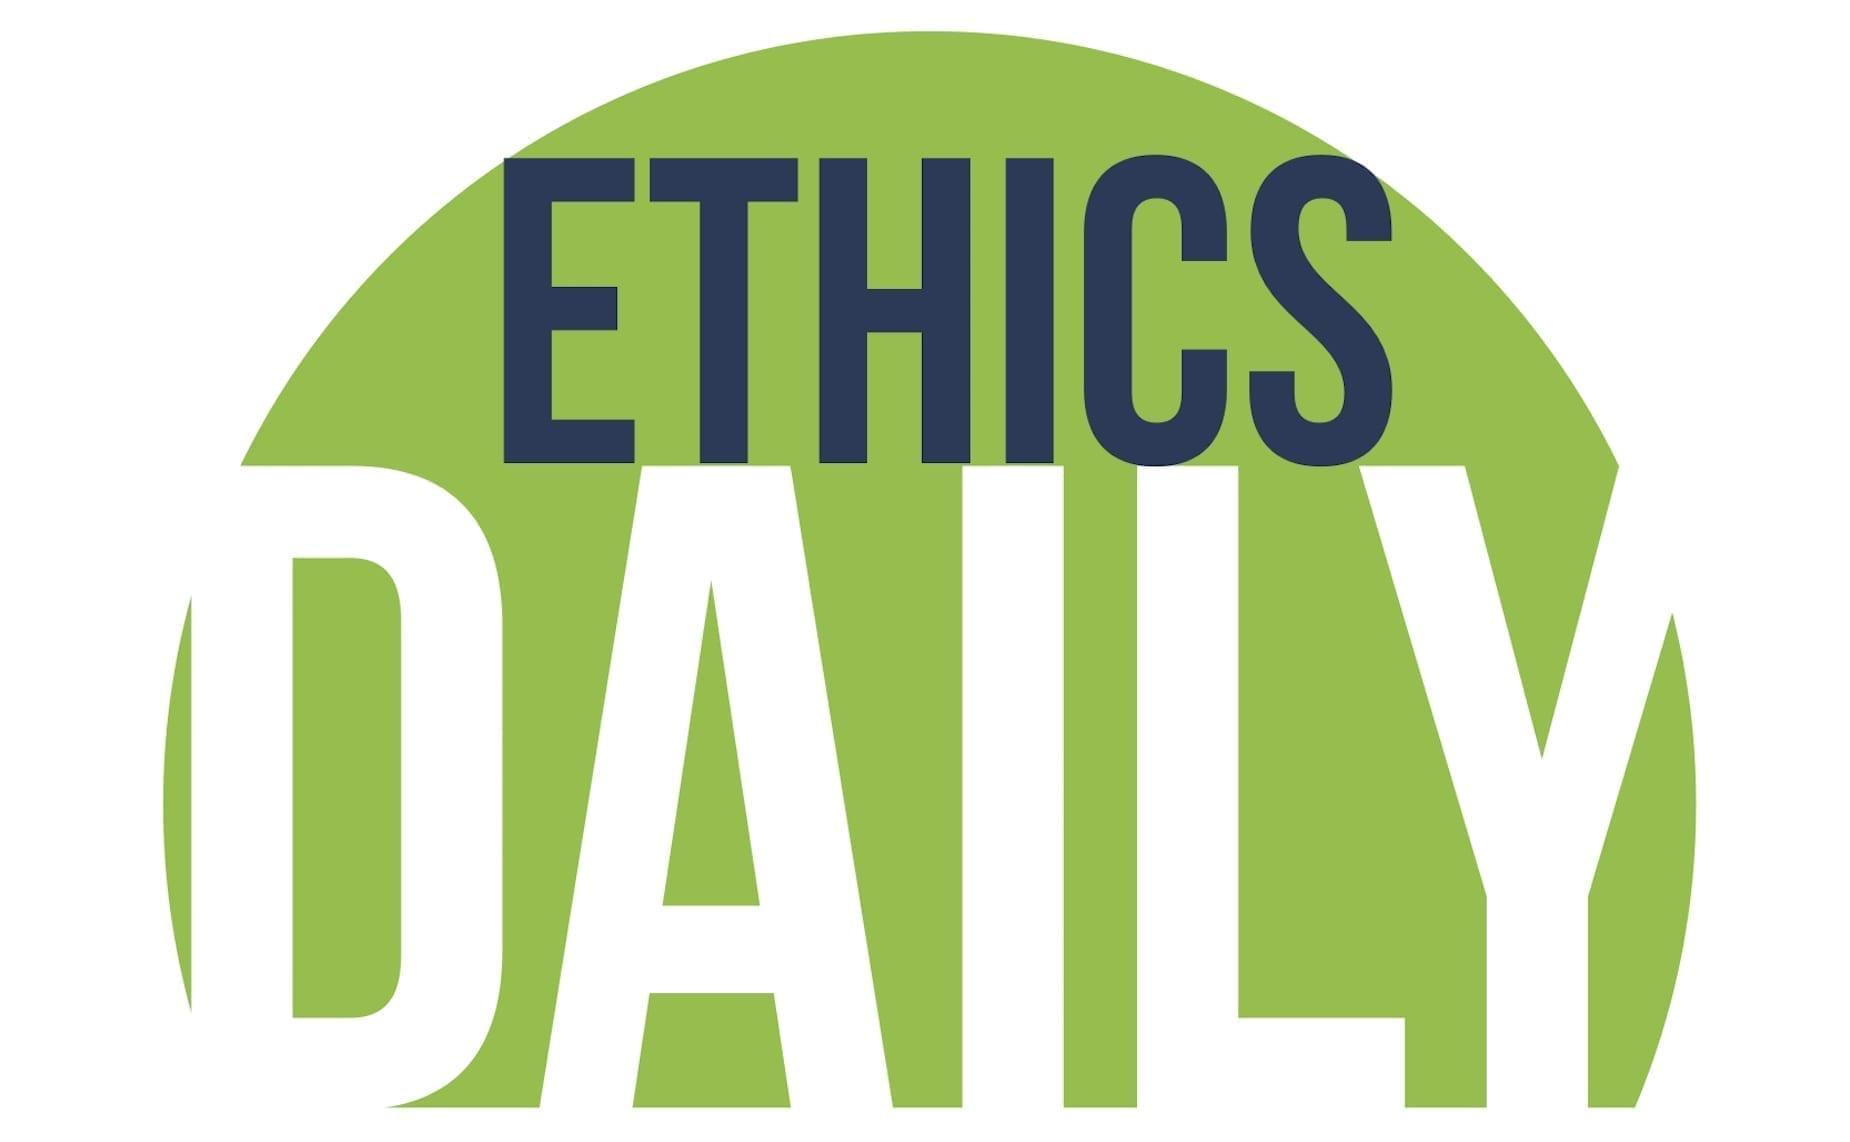 EthicsDaily.com's logo